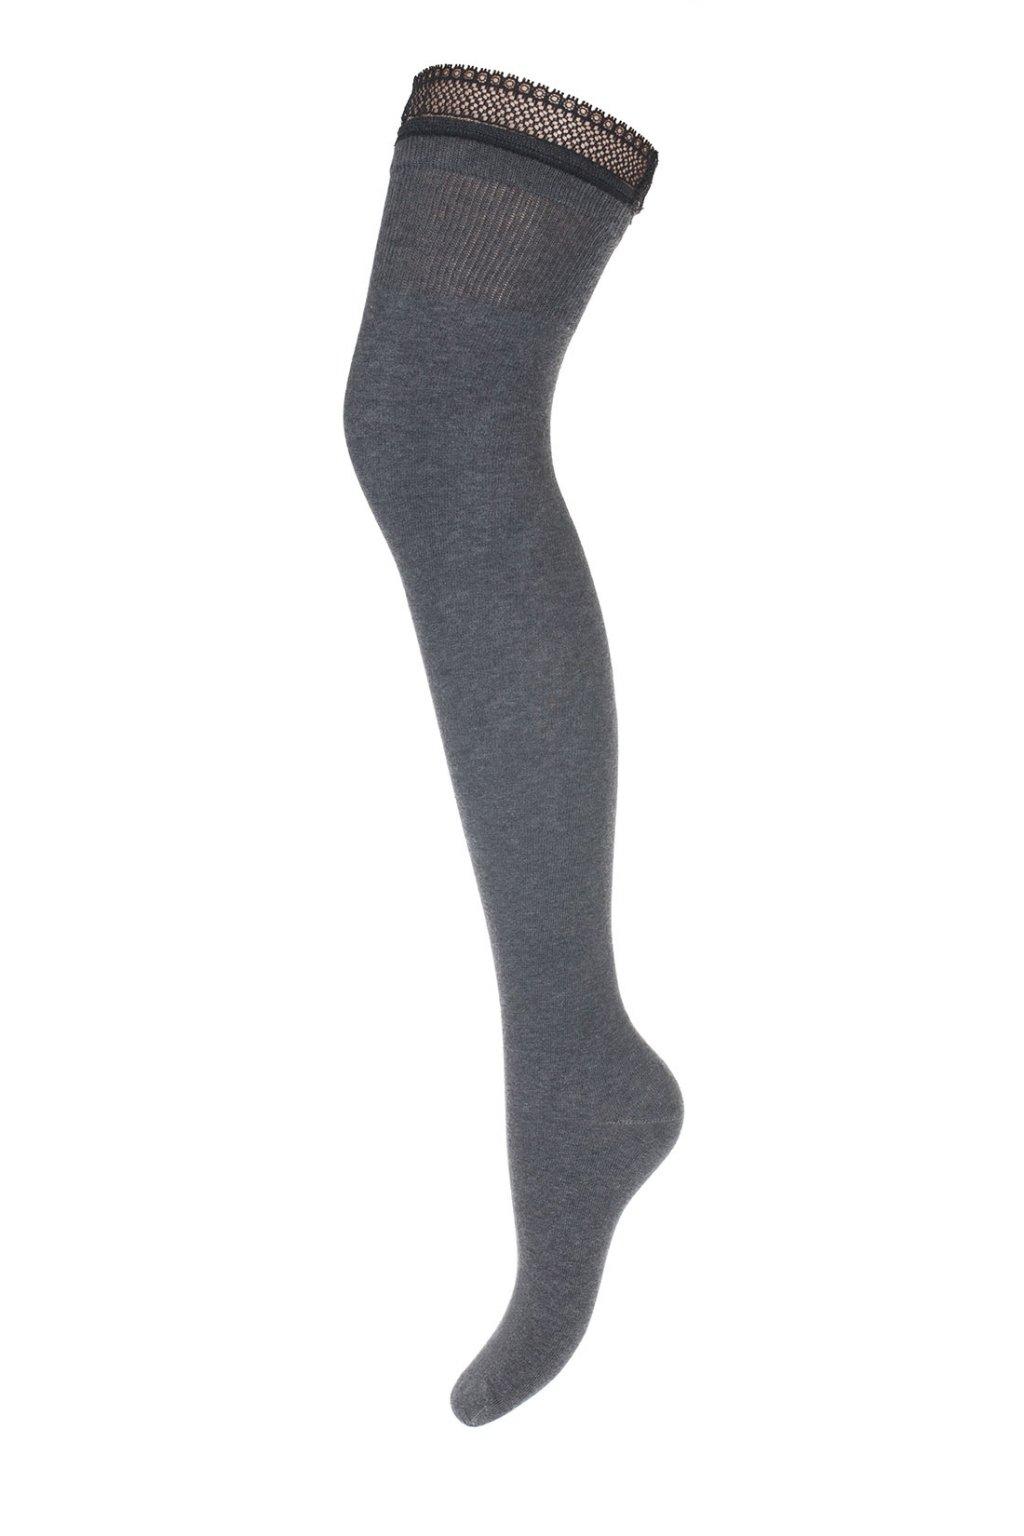 cribs, nadkolienky s krajnou, klasické nadkolienky, pančušky, ponožky (2)